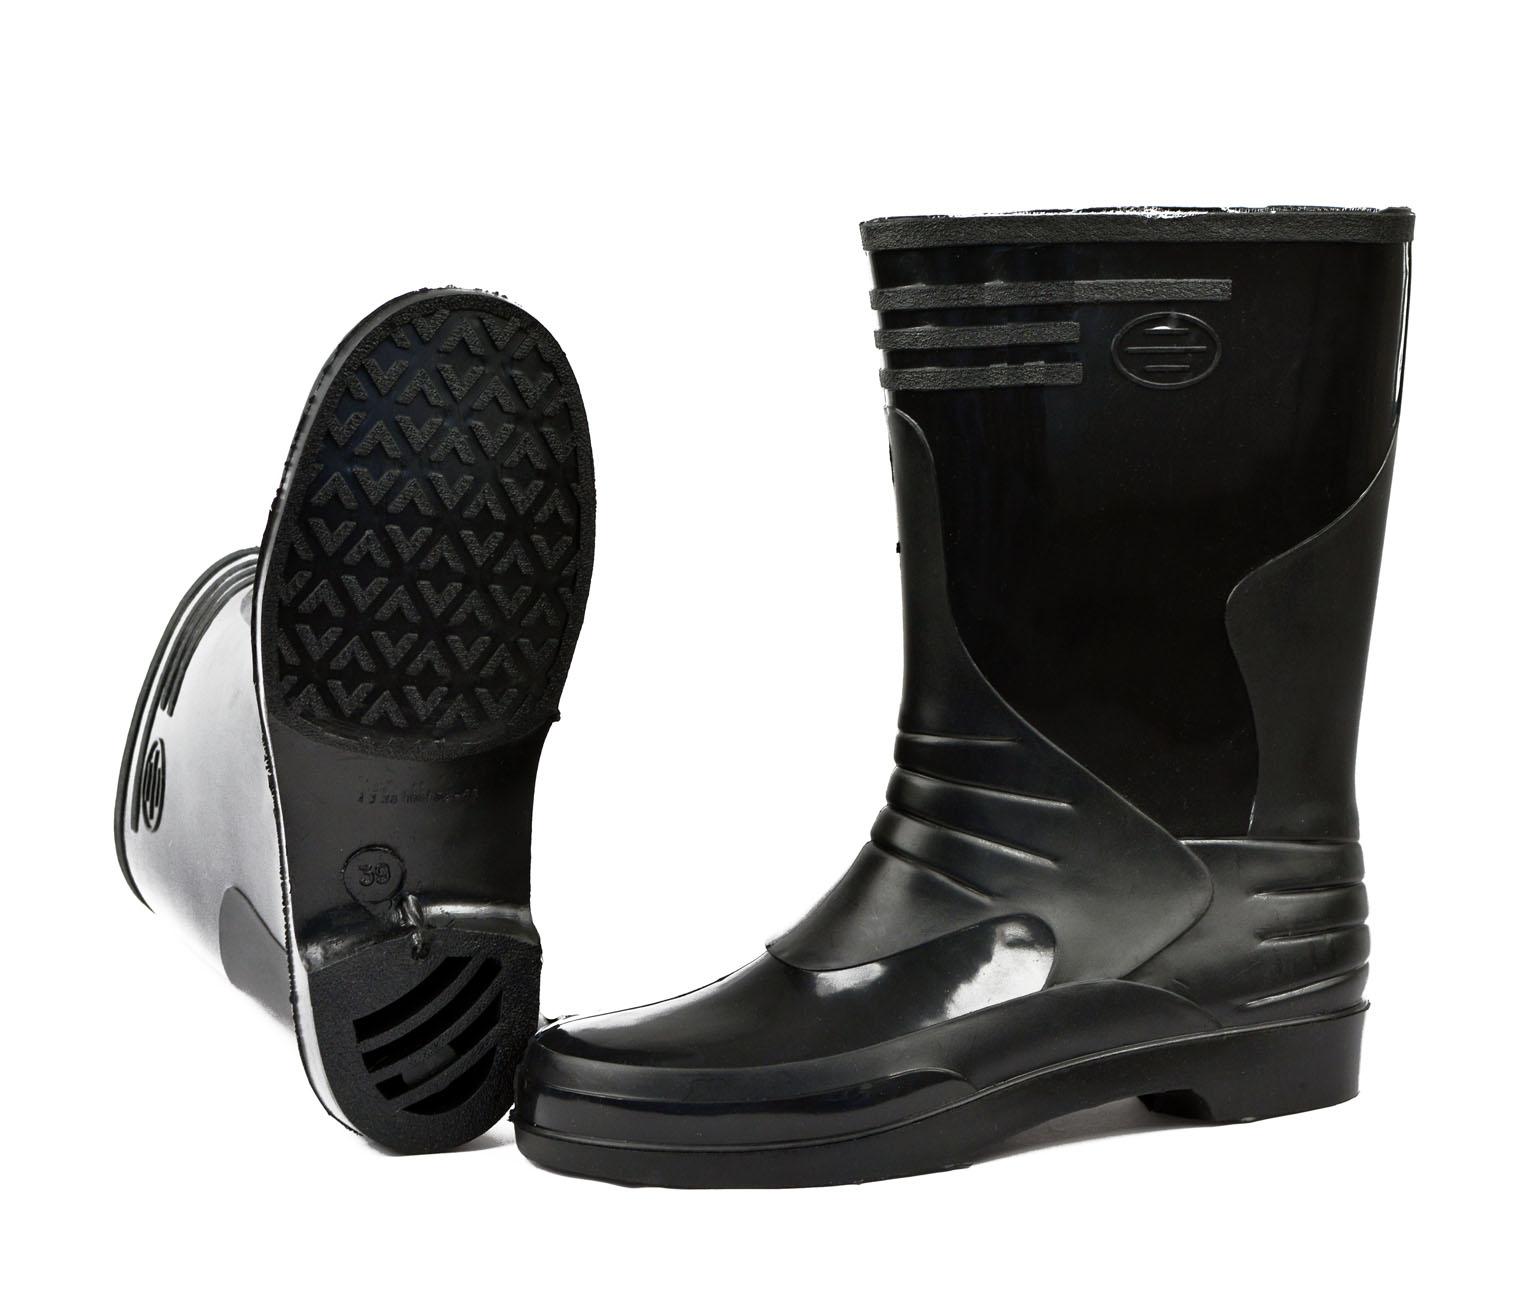 Сапоги ПВХ - Лайт женские черные (в упаковке Сапоги для активного отдыха<br>Обувь для защиты от воды, слабых растворов <br>кислот и щелочей, нефтепродуктов. Высота <br>27 см.<br><br>Пол: женский<br>Размер: 39<br>Сезон: лето<br>Цвет: черный<br>Материал: поливинилхлорид (ПВХ)